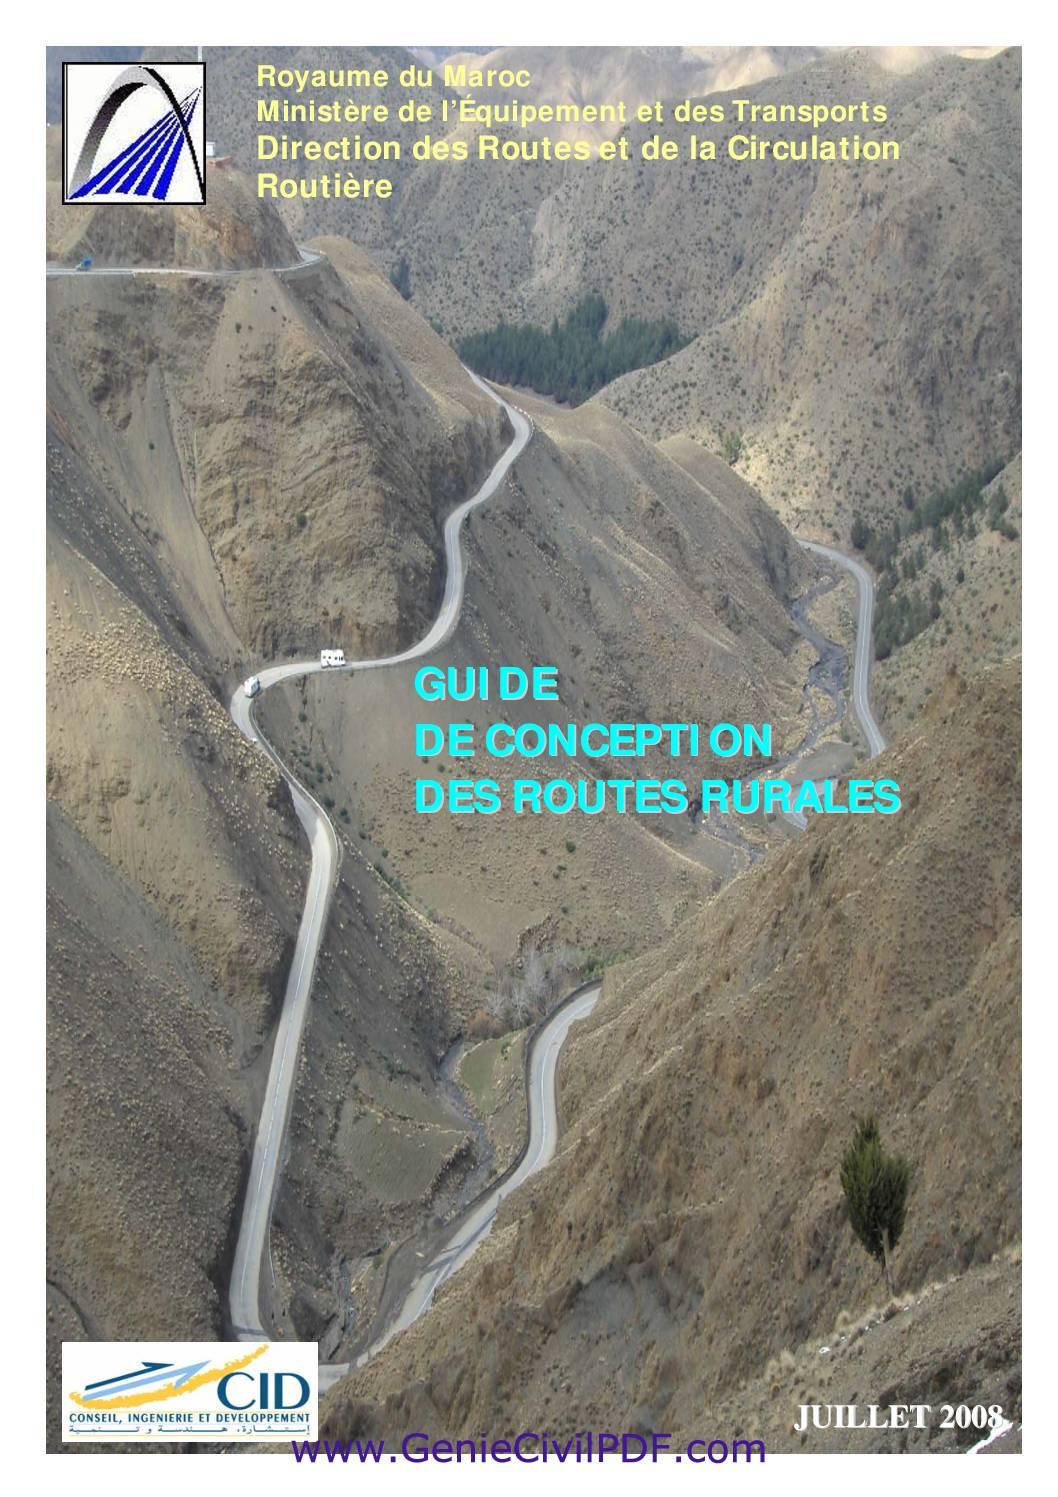 Guide de Conception des Routes Rurales